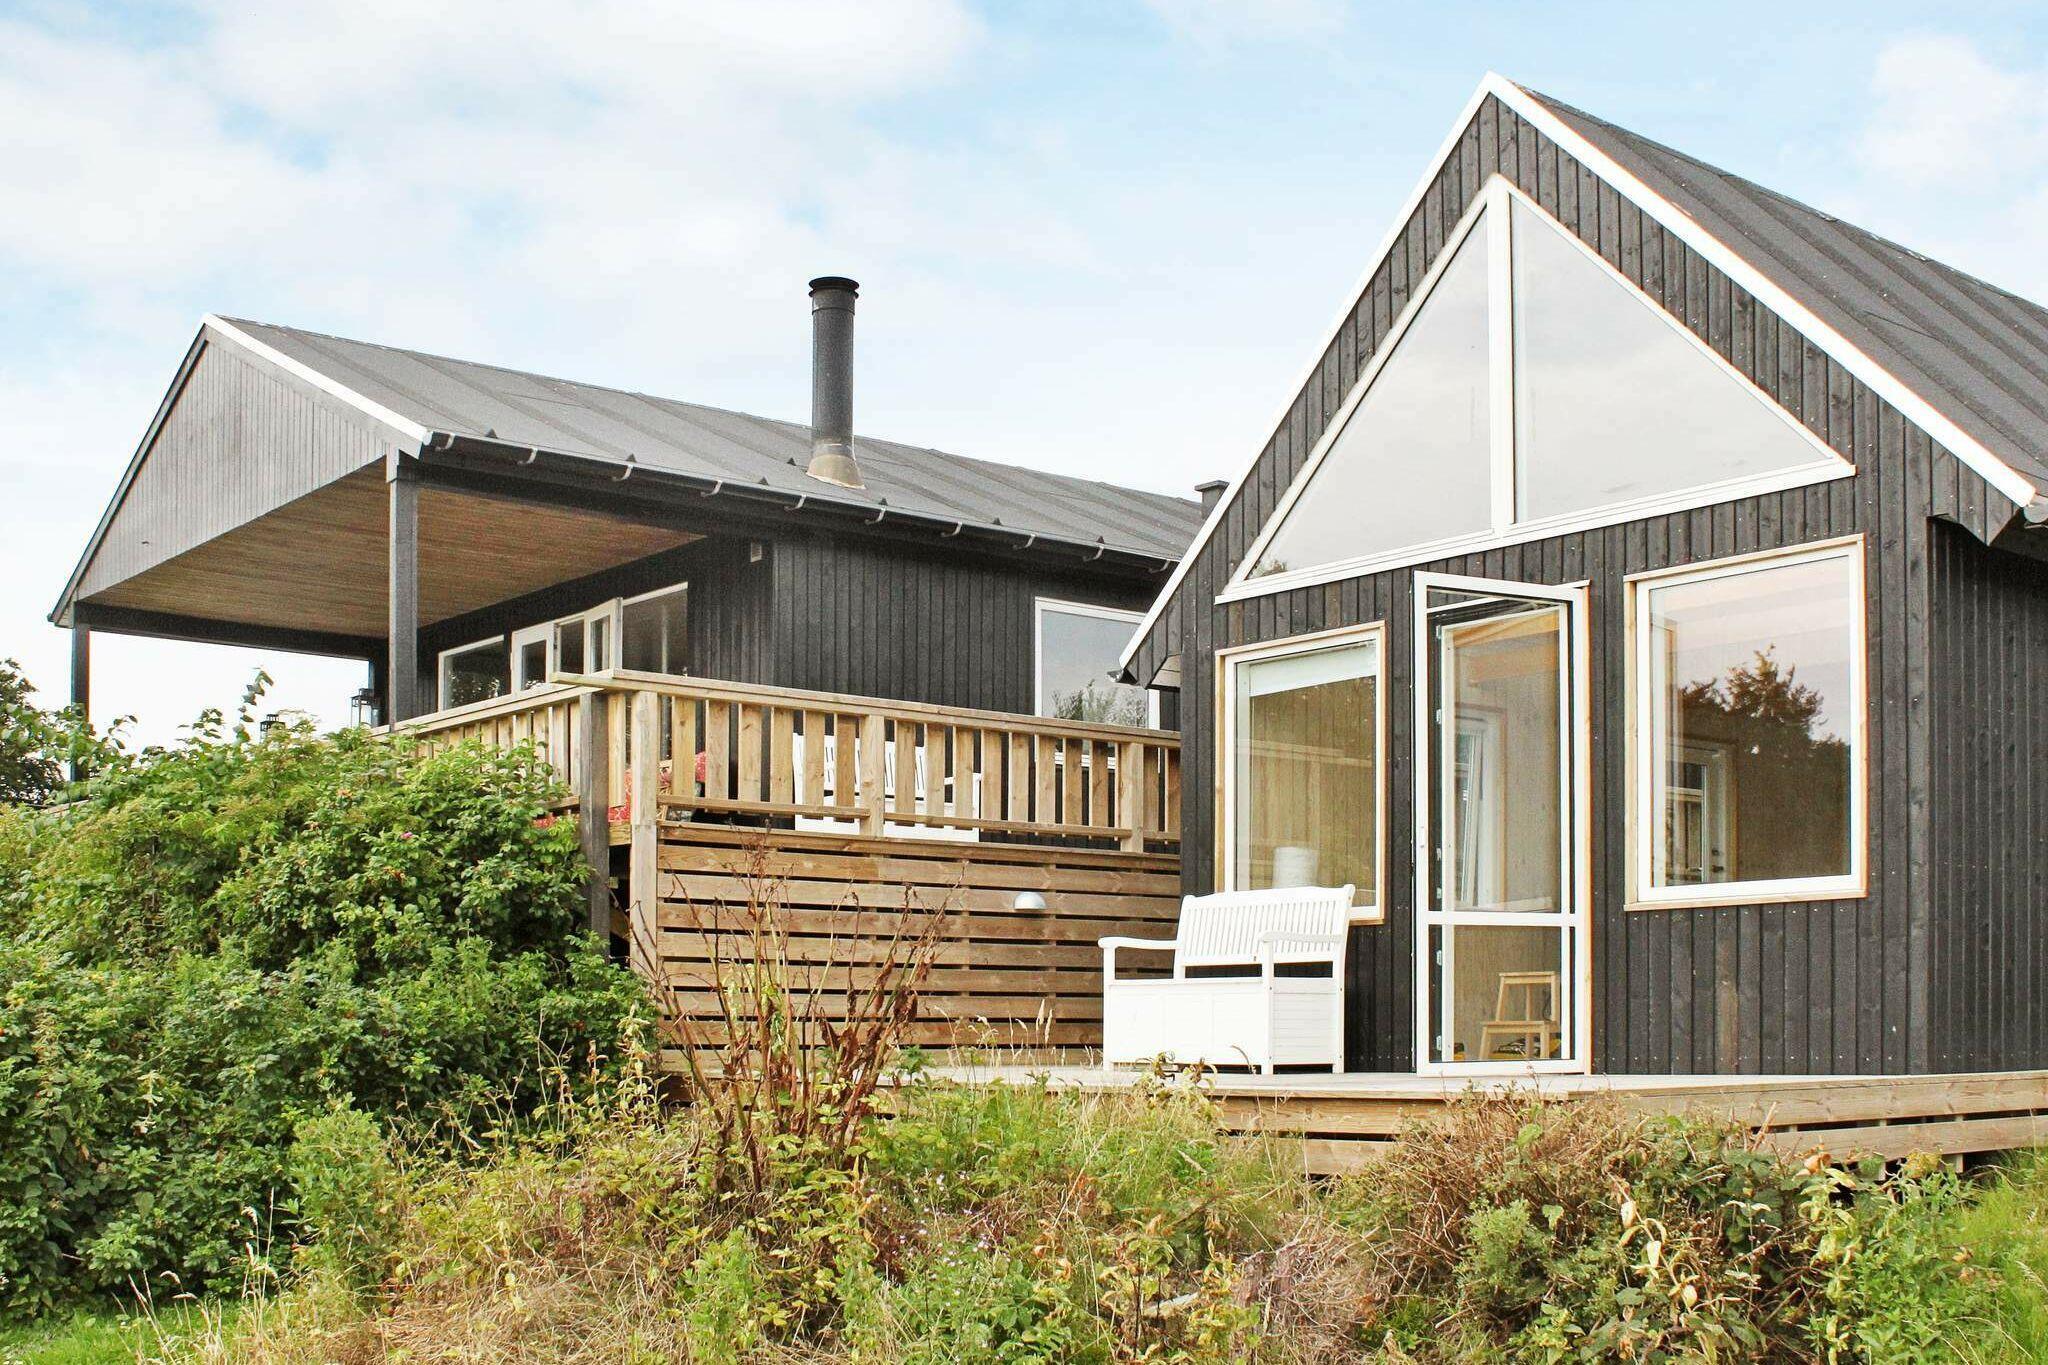 Ferienhaus in Apenrade für 4 Personen